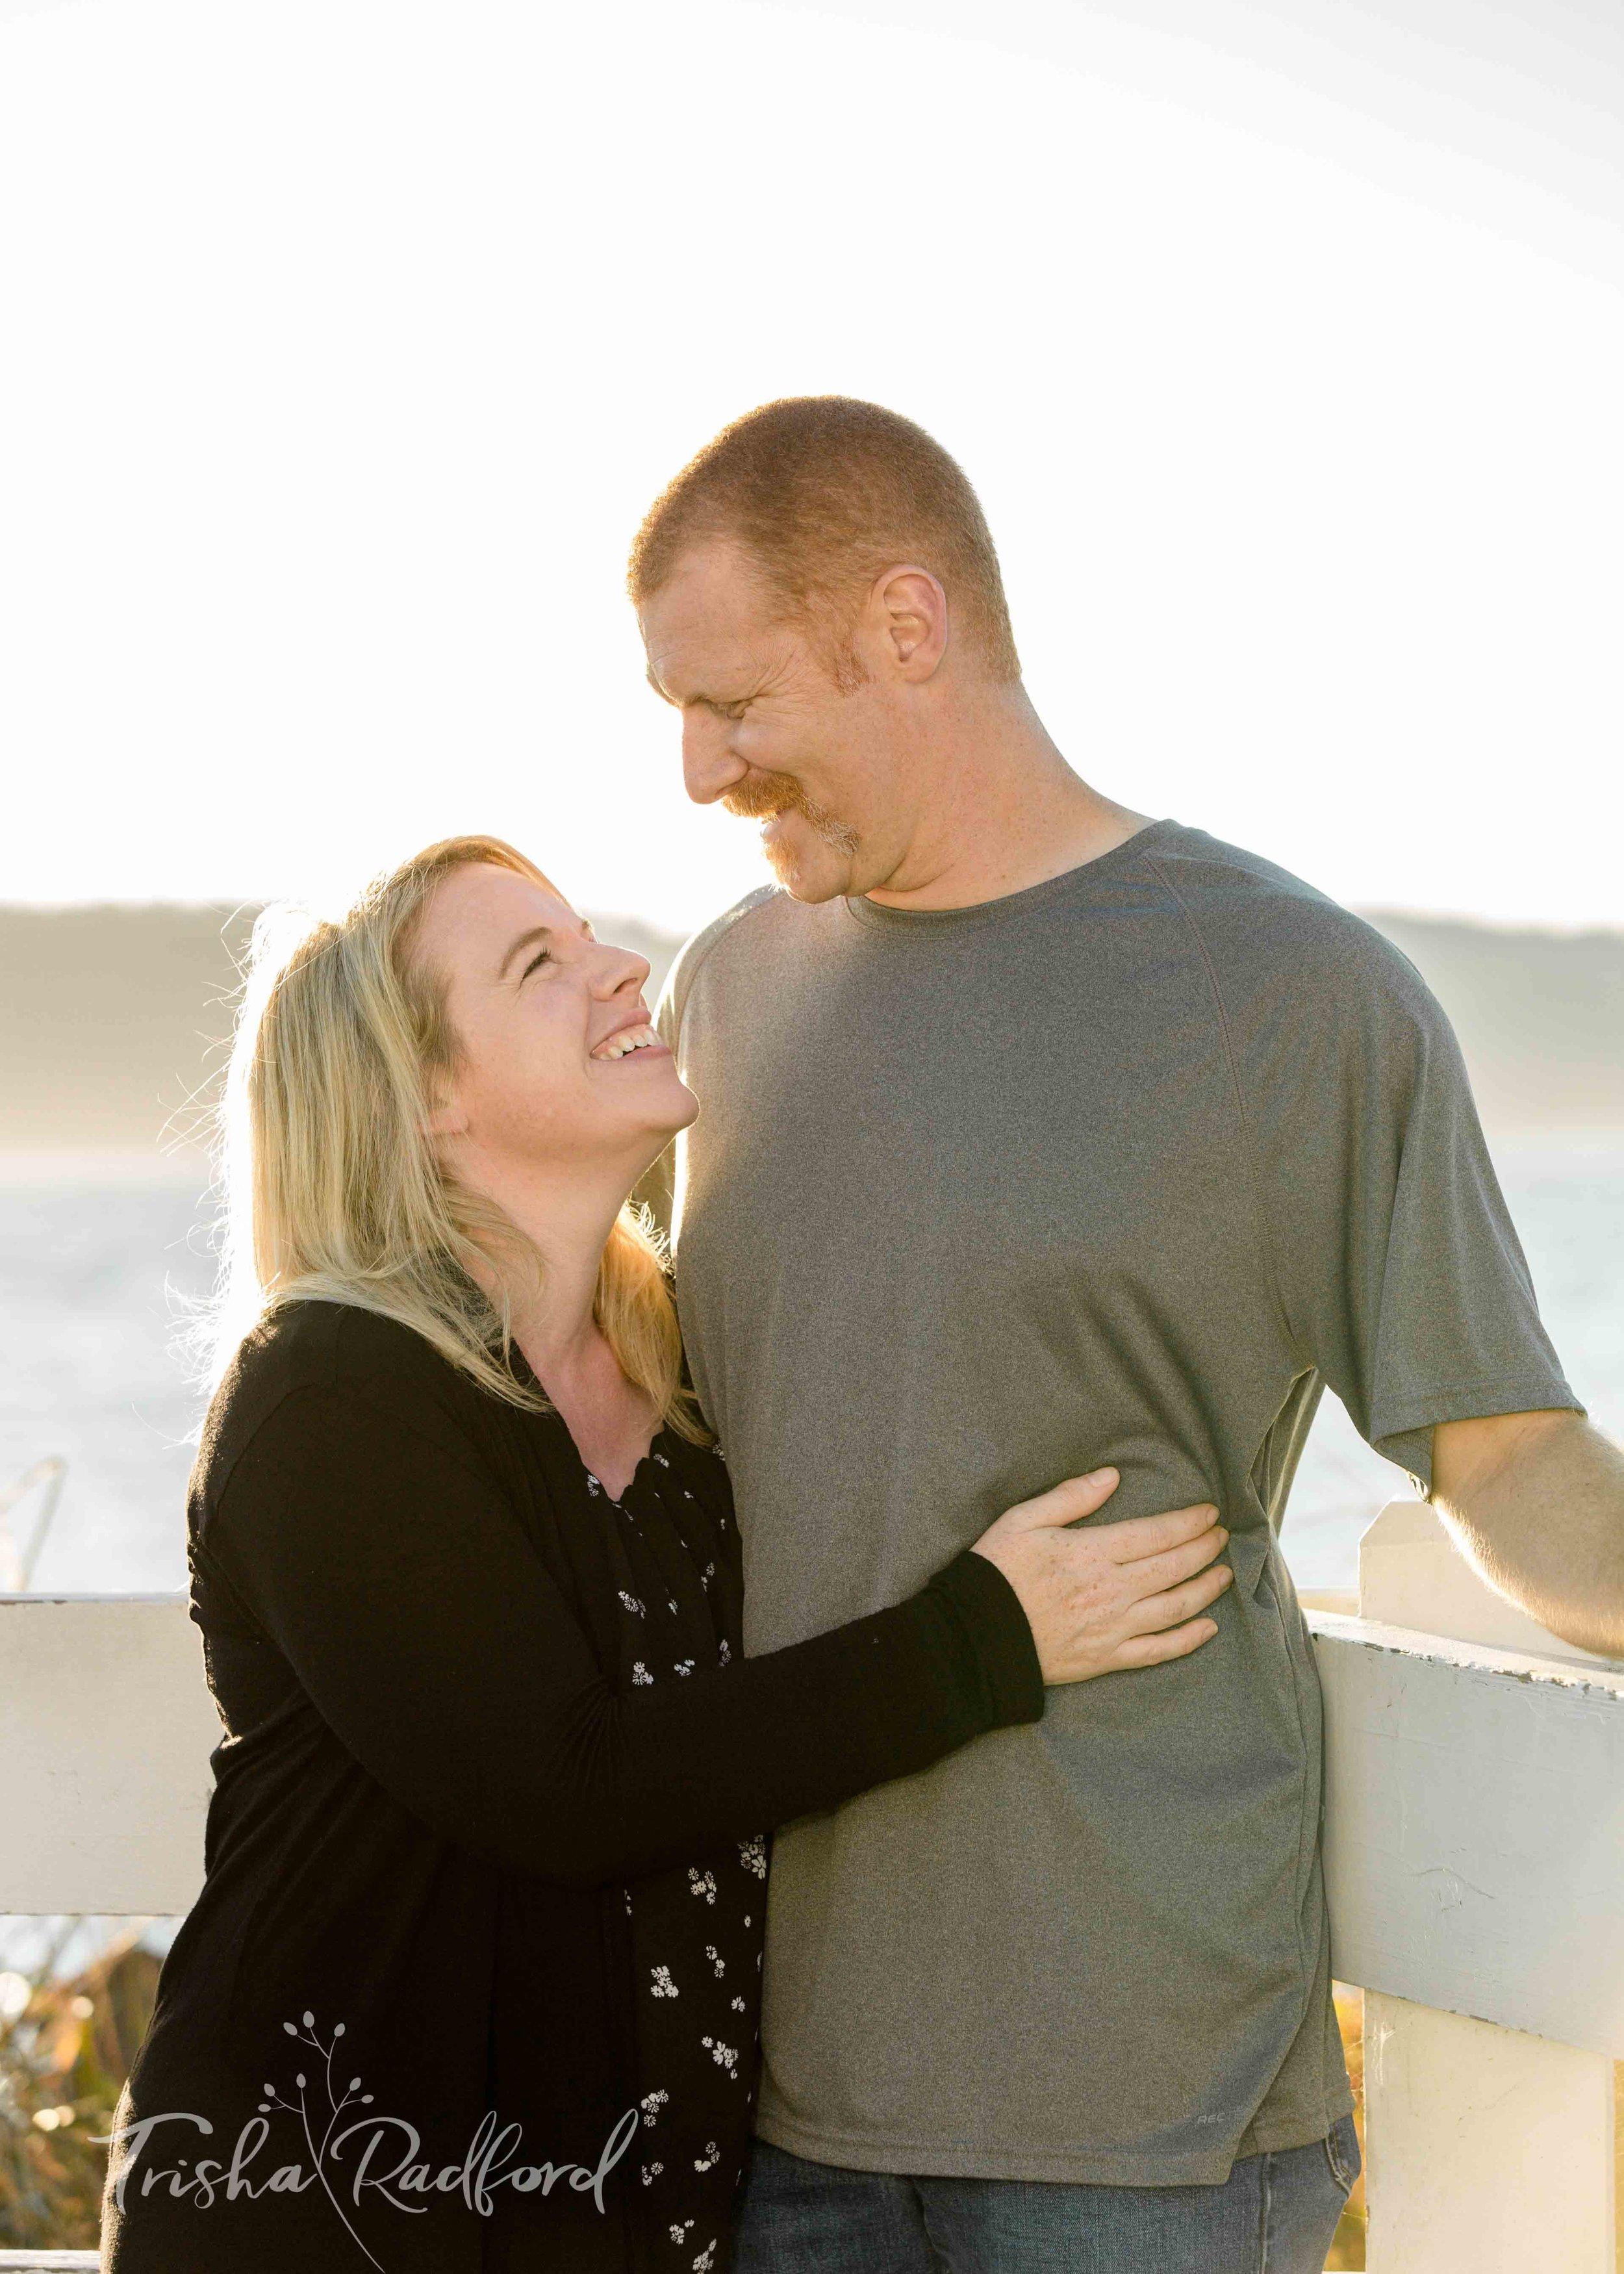 Family Photography at Mukilteo Beach, WA